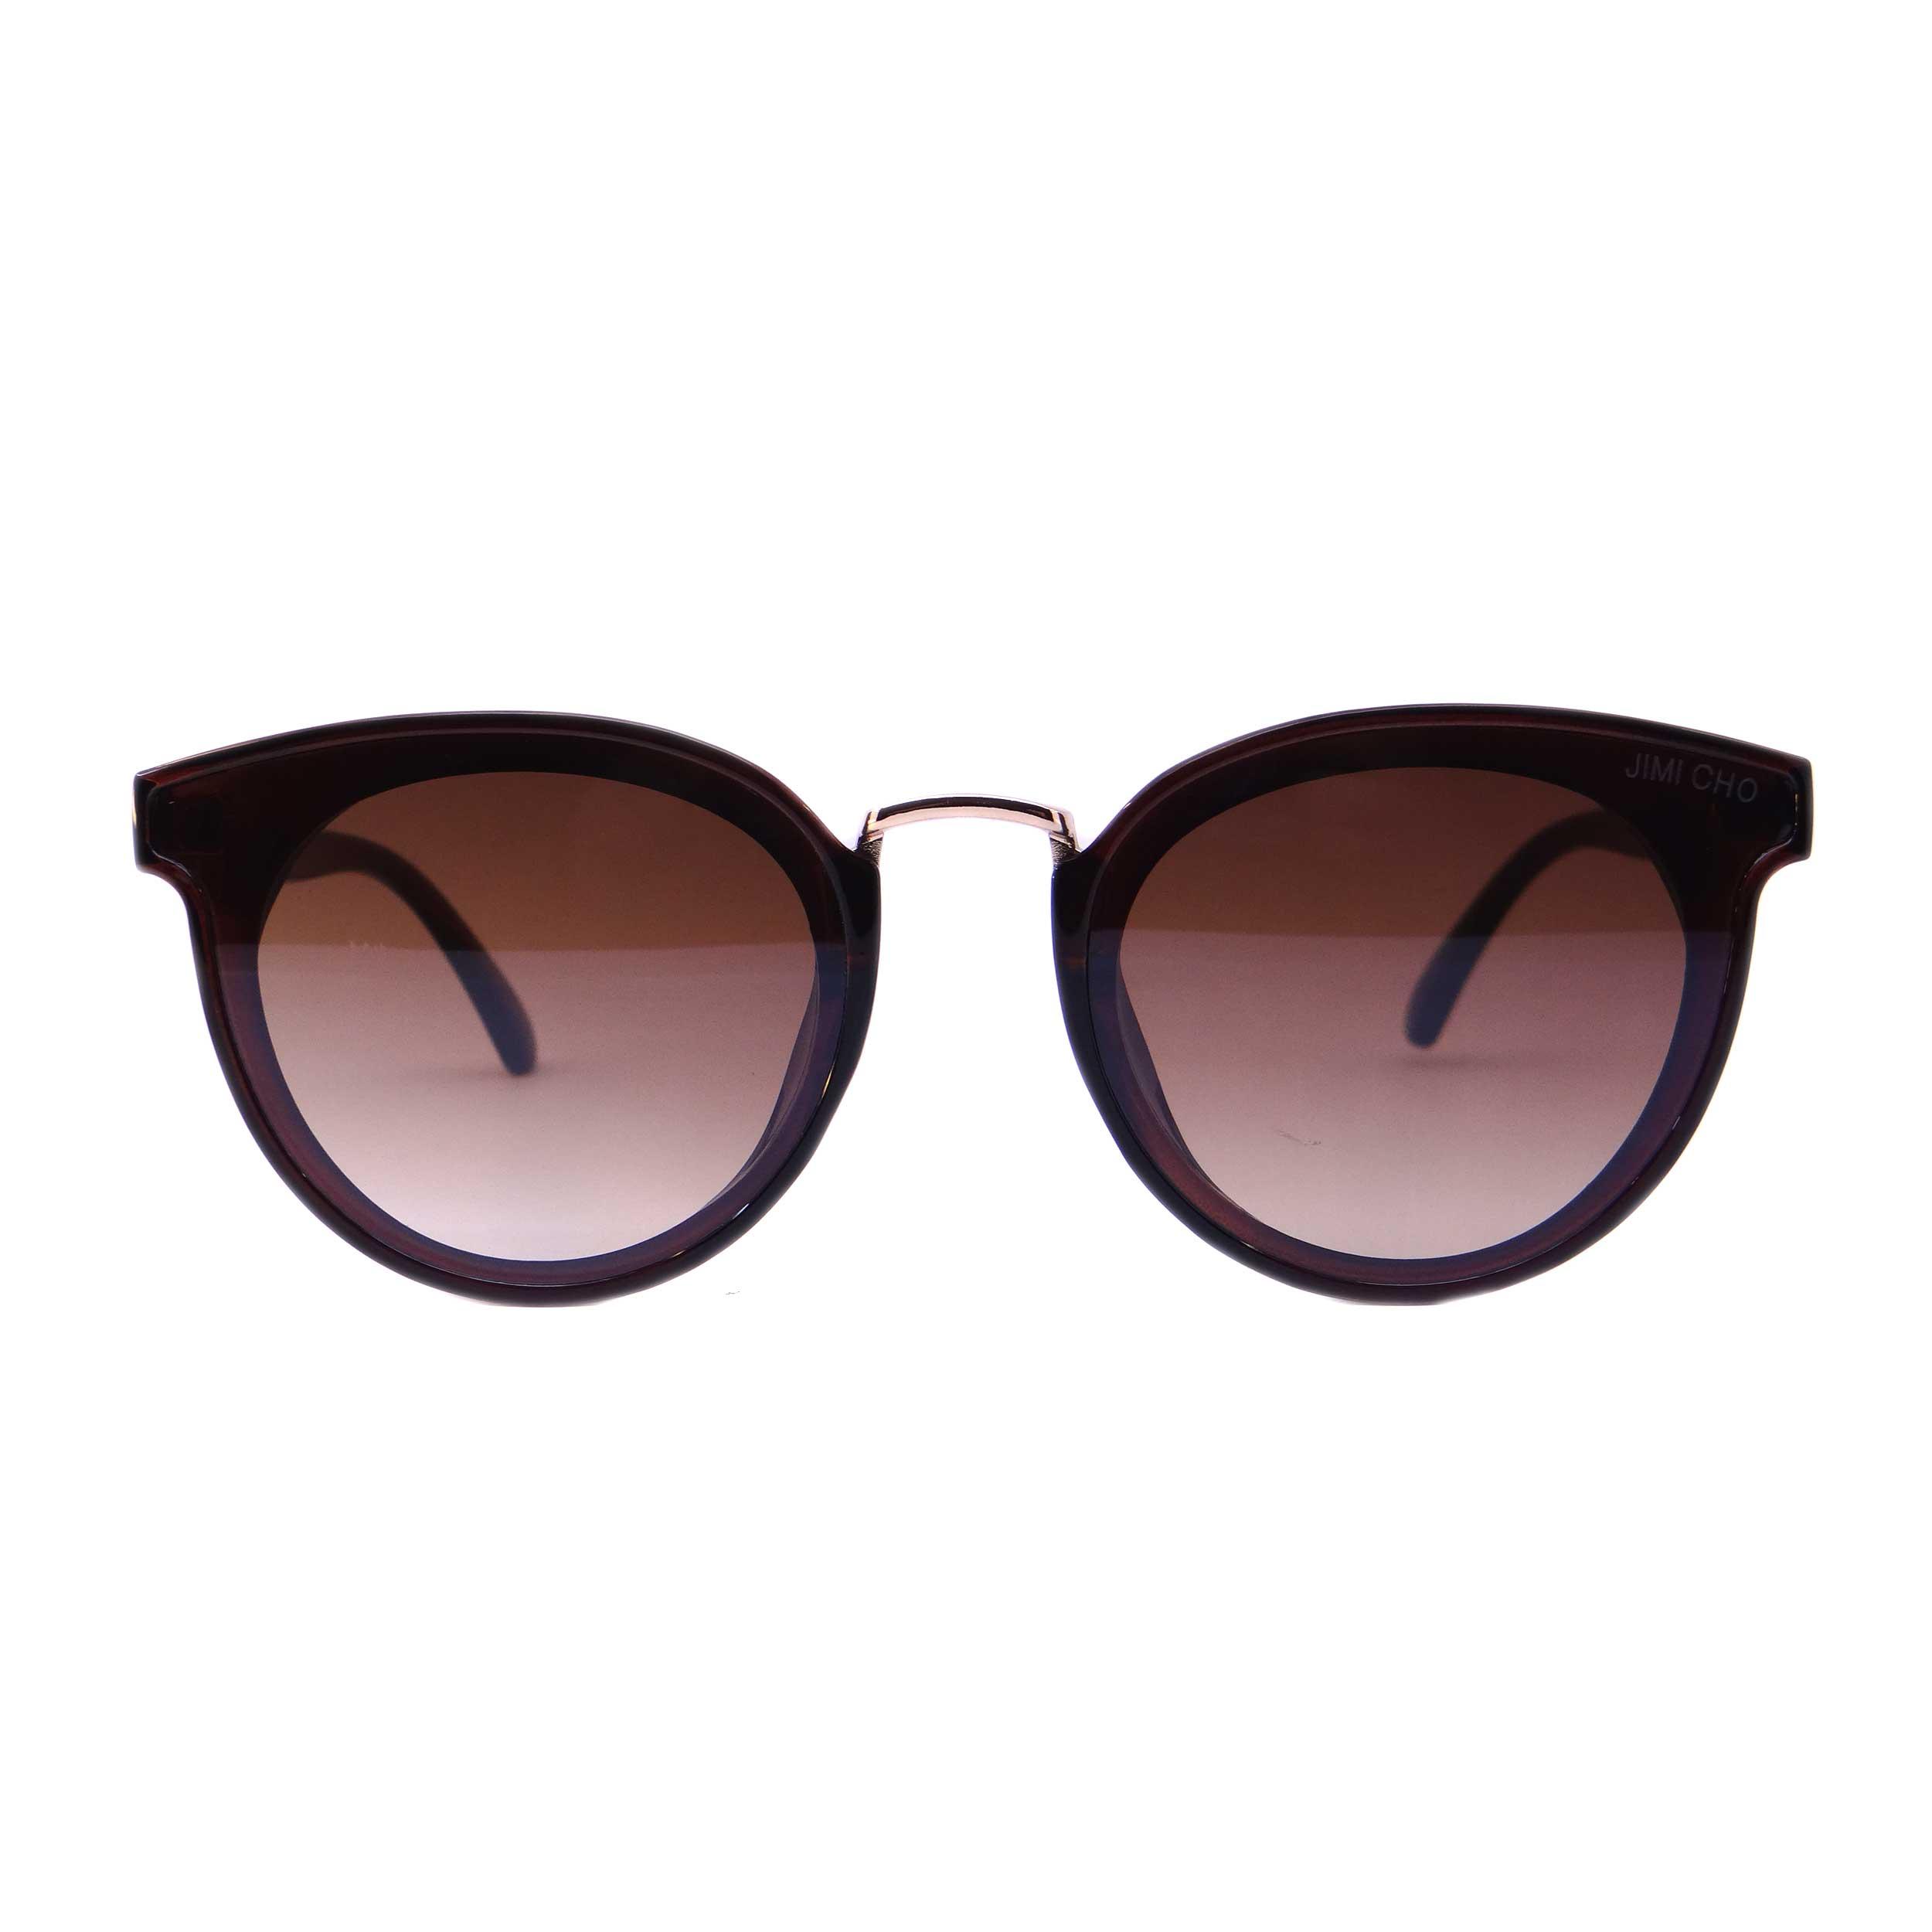 عینک آفتابی زنانه جیمی چو مدل 9933 رنگ قهوه ای